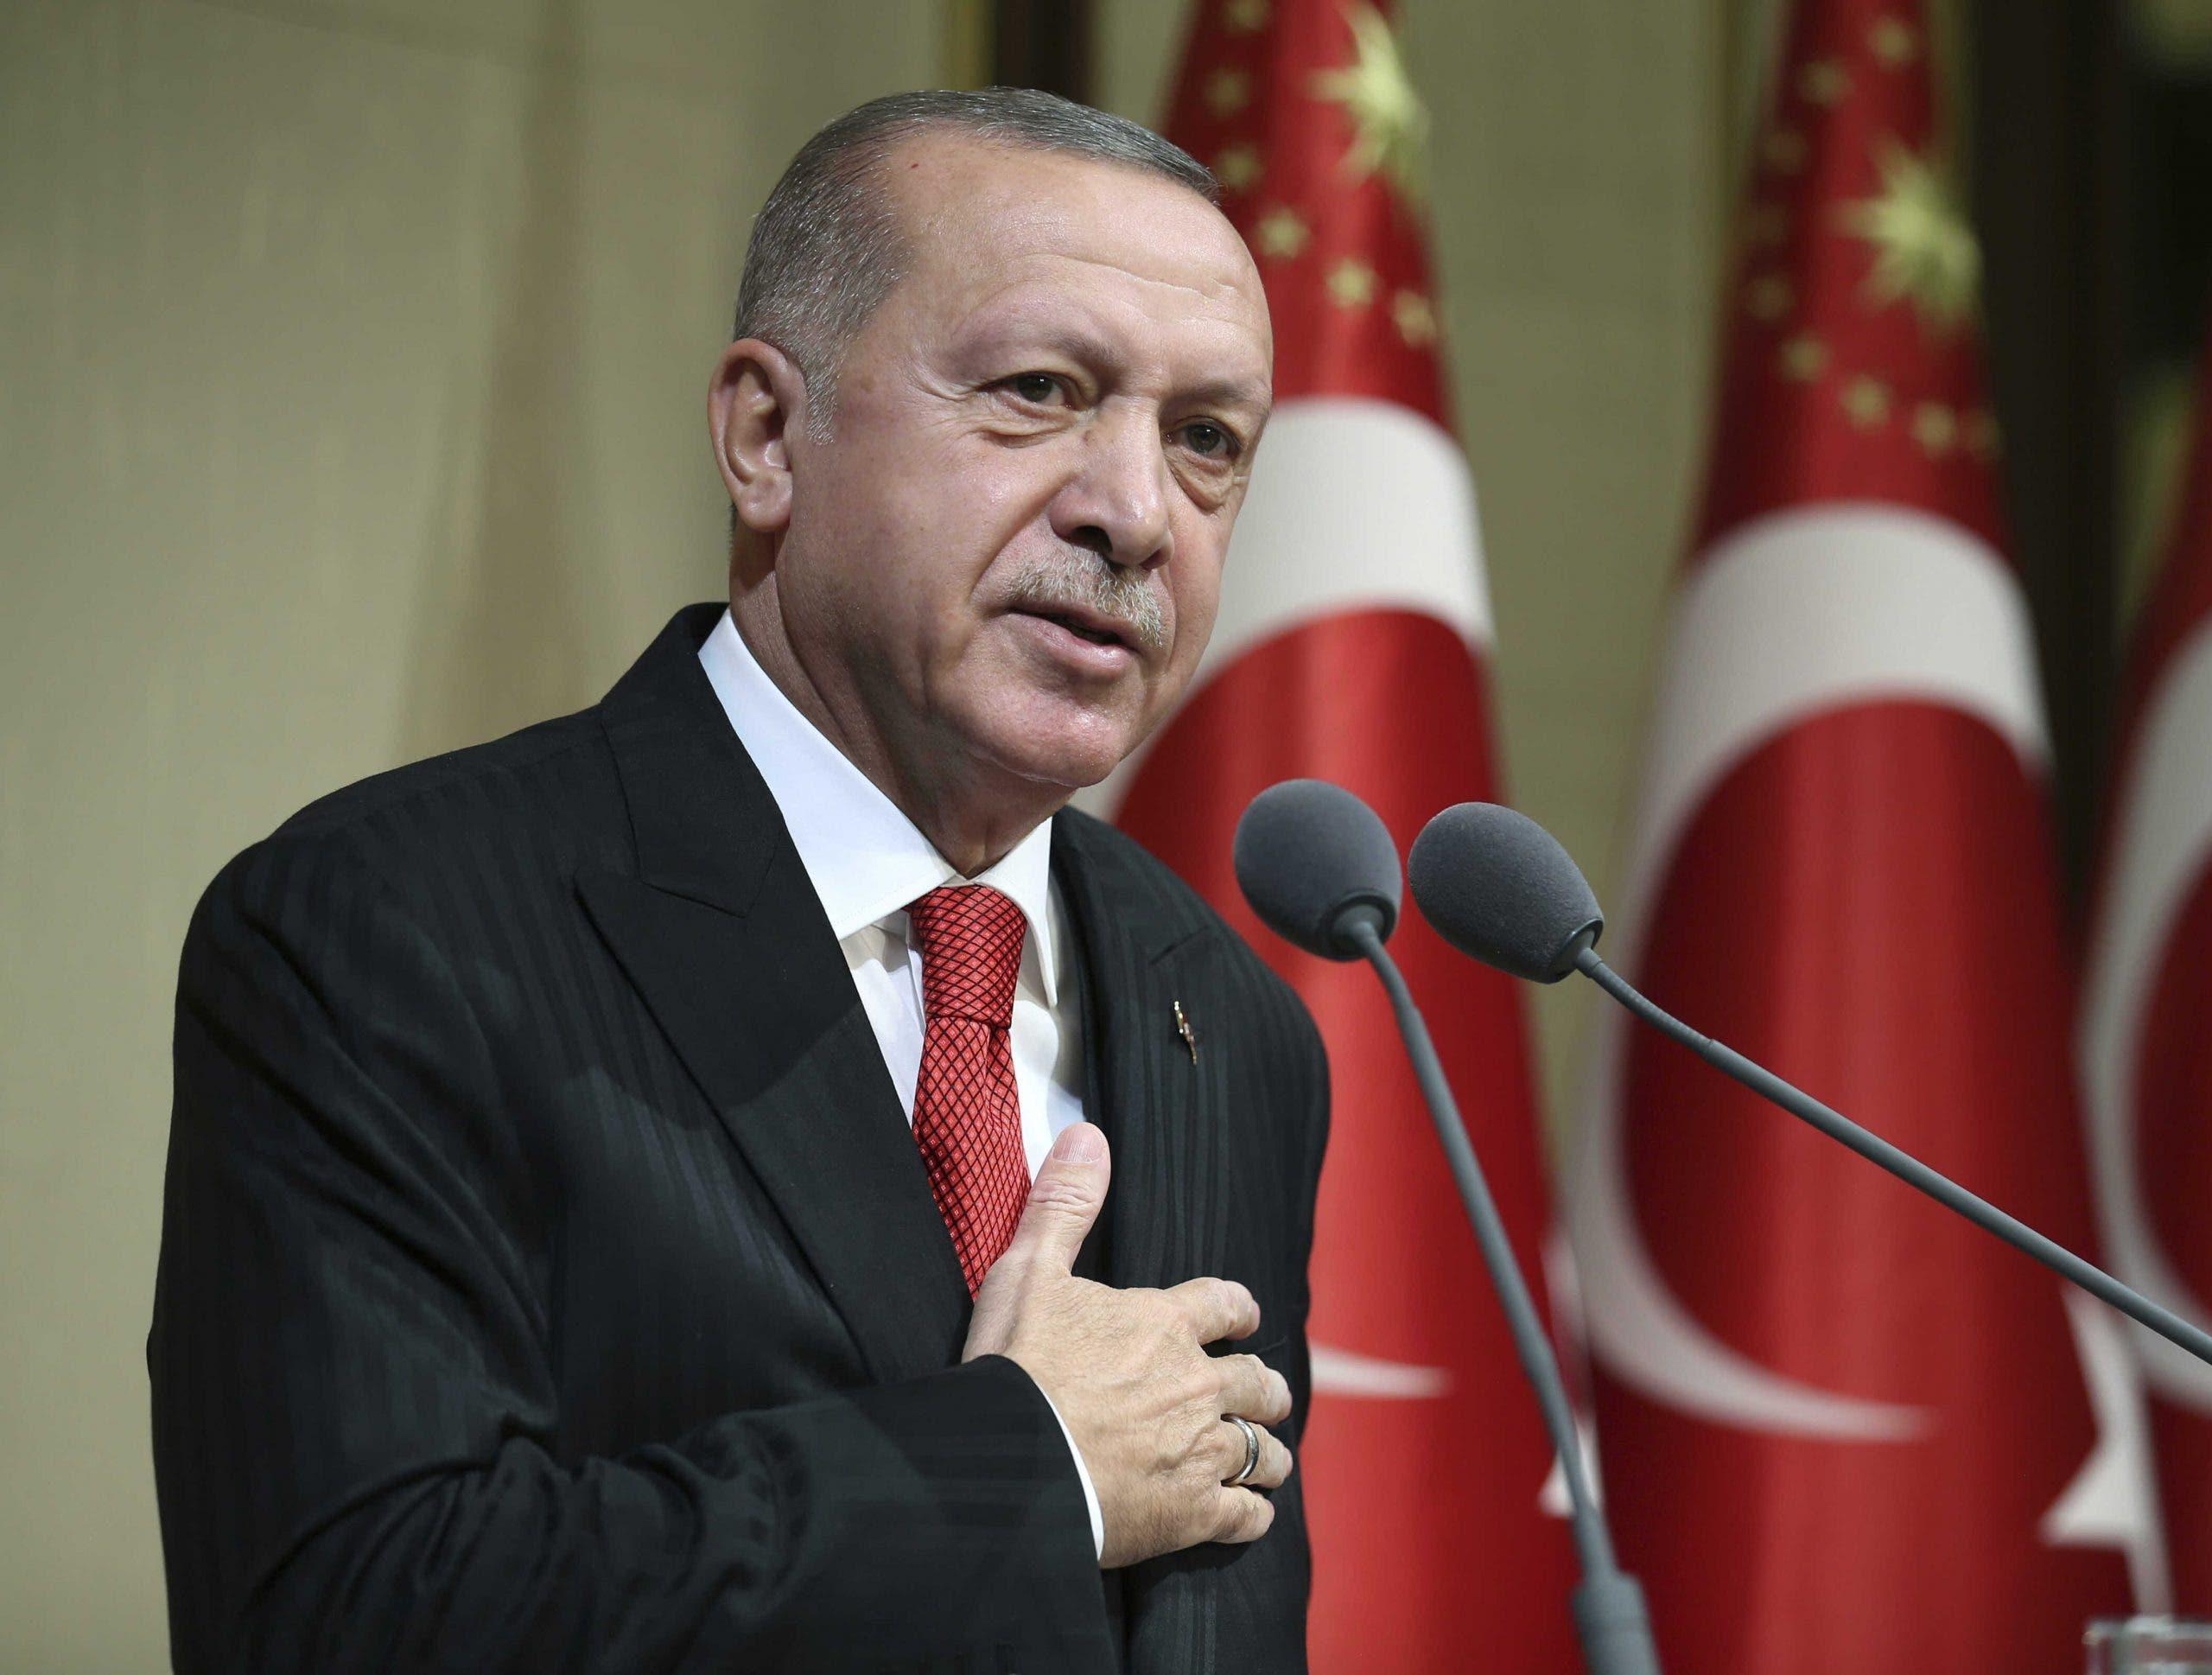 Dowladda Turkiga oo bixisay qeyb ka mid ah deyntii ay IMF ku lahayd Soomaaliya